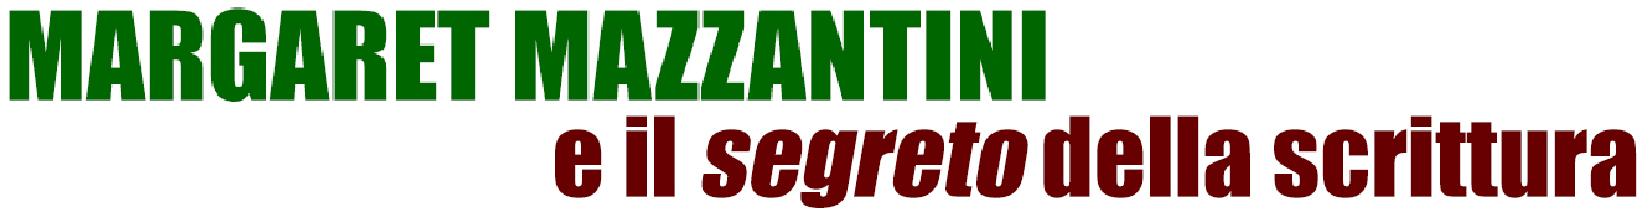 mazzantinititolo 2